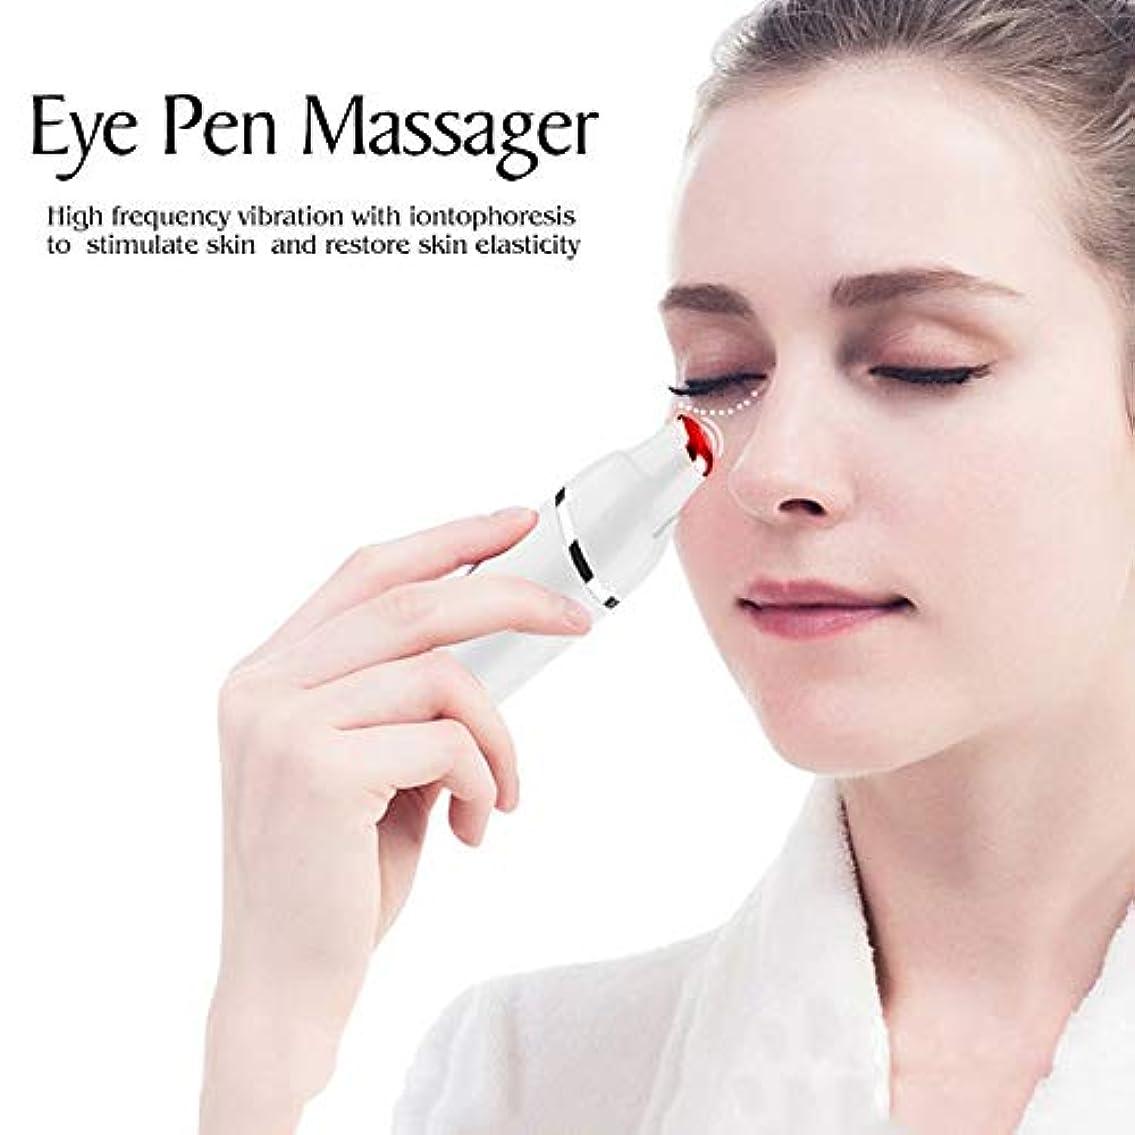 法令に同意する練習したソニックアイマッサージャー、目の疲れのための42℃加熱治療用ワンド、アイクリームを効果的に促進するためのアニオンの輸入